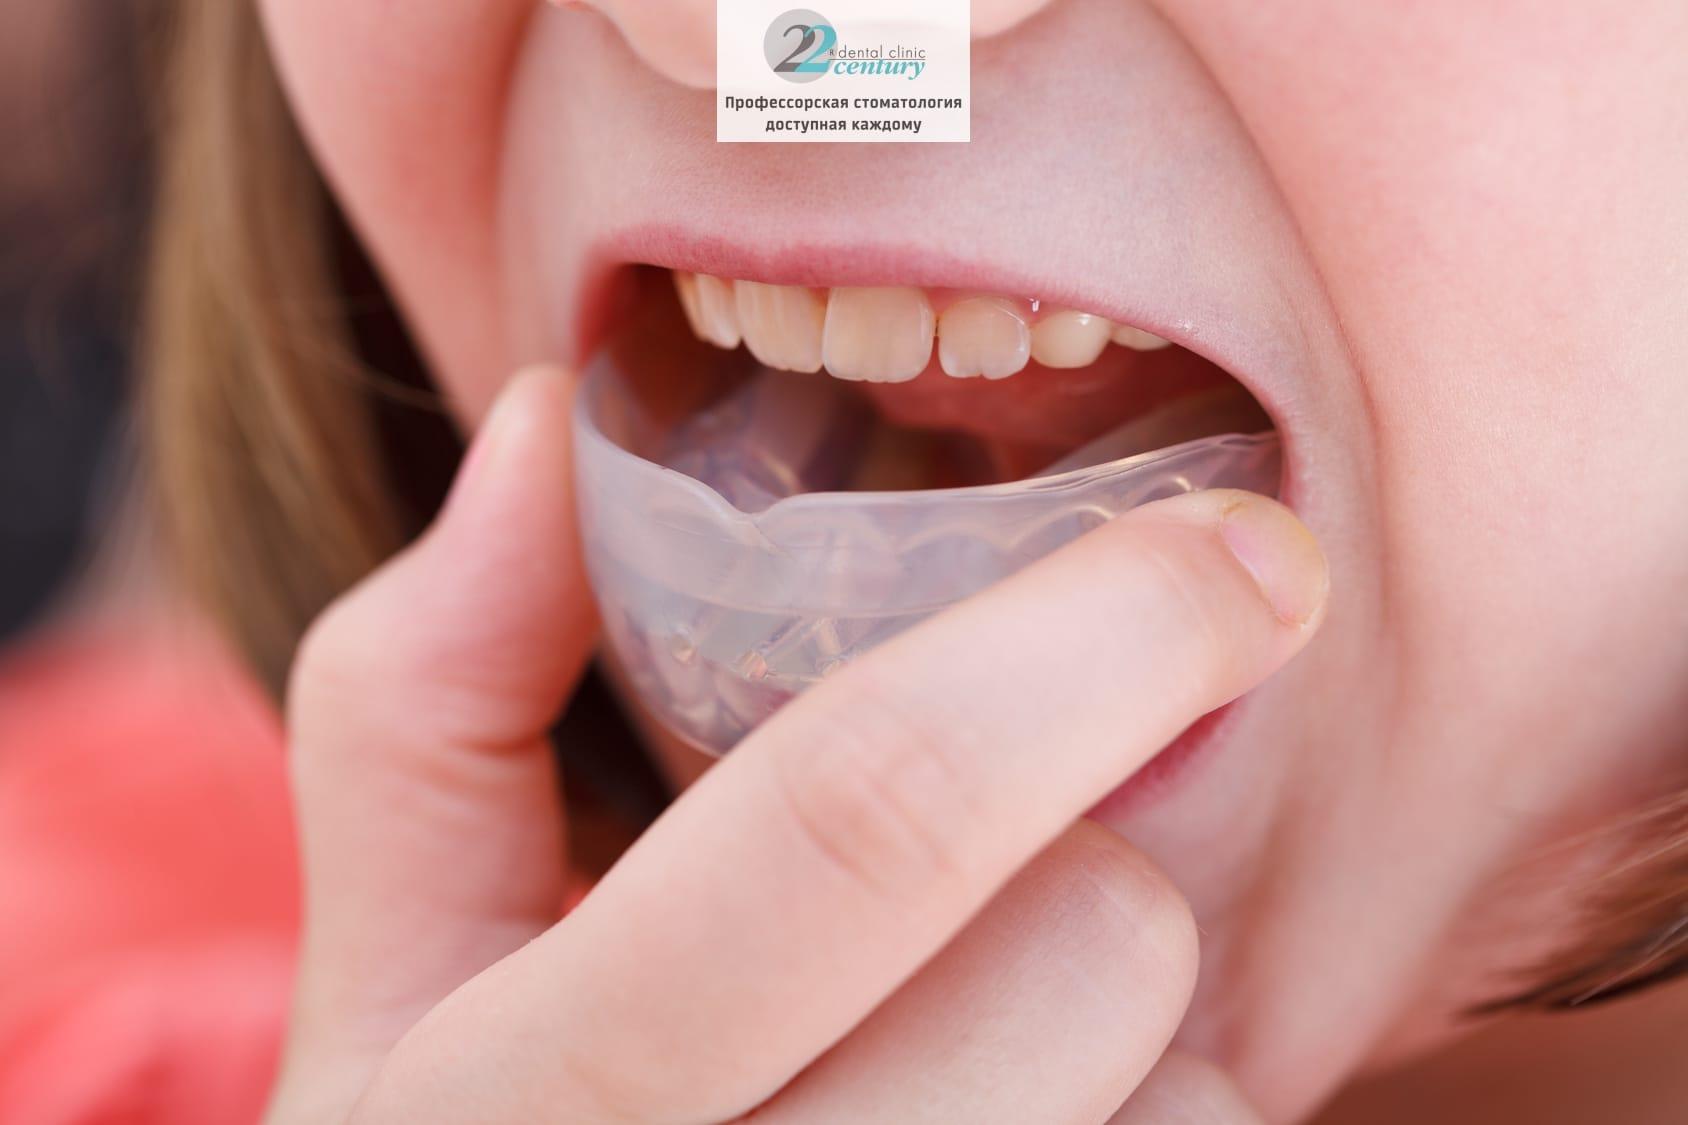 Трейнер для зубов: плюсы т4к, т4а и других устройств, фото до и после у взрослых и детей